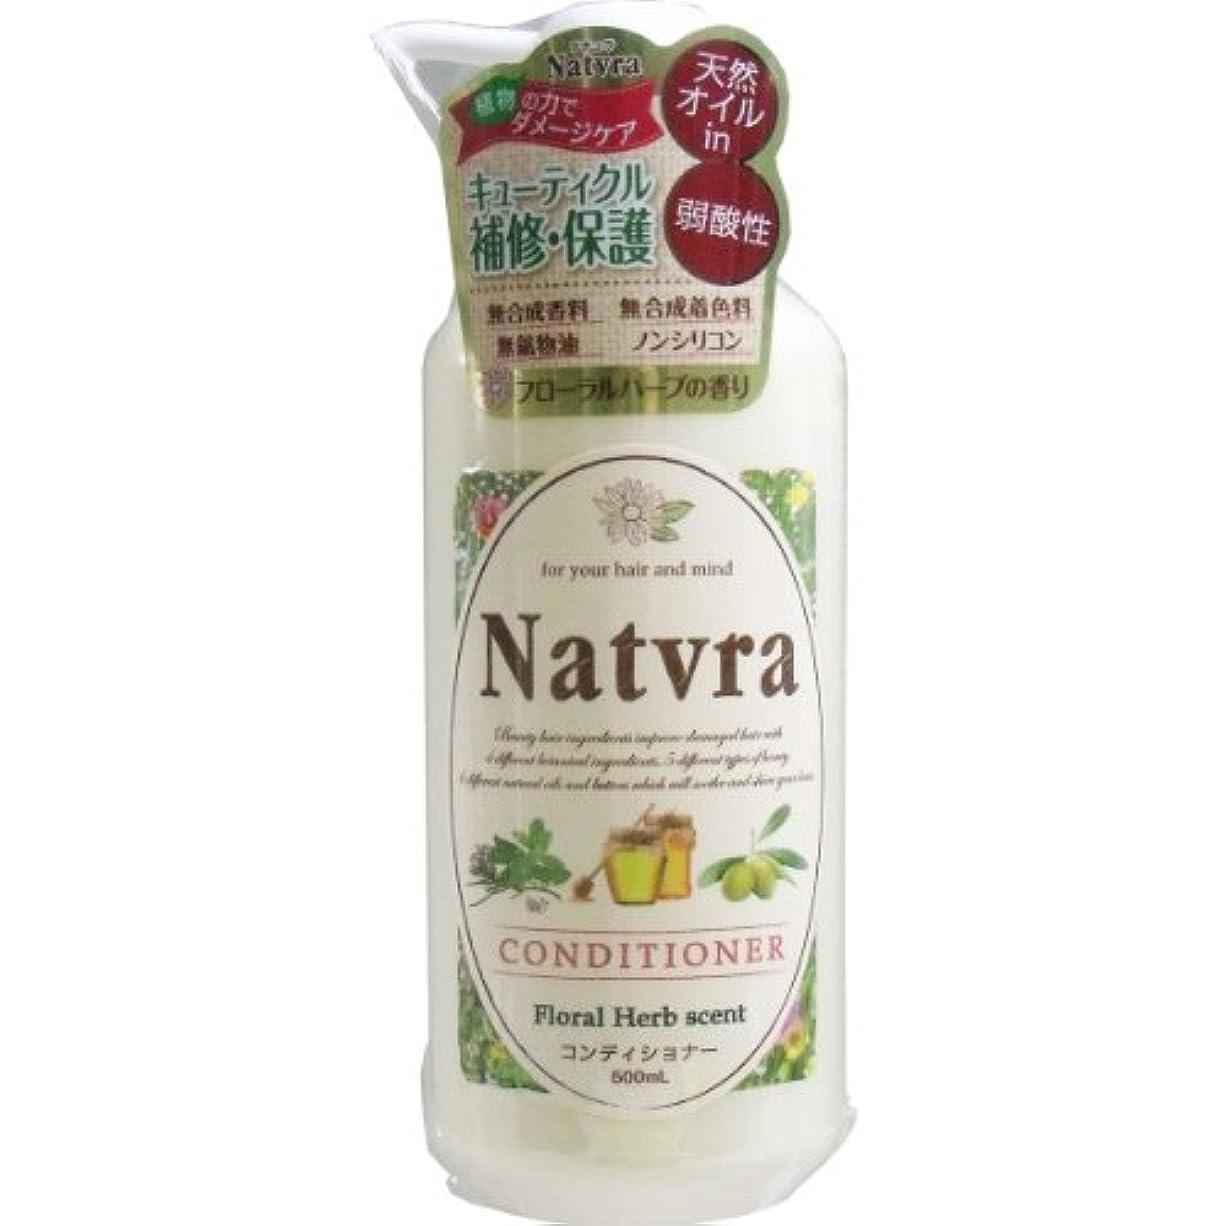 パイプライン支店前提条件Natvra(ナチュラ) コンディショナー フローラルハーブの香り 500mL【3個セット】